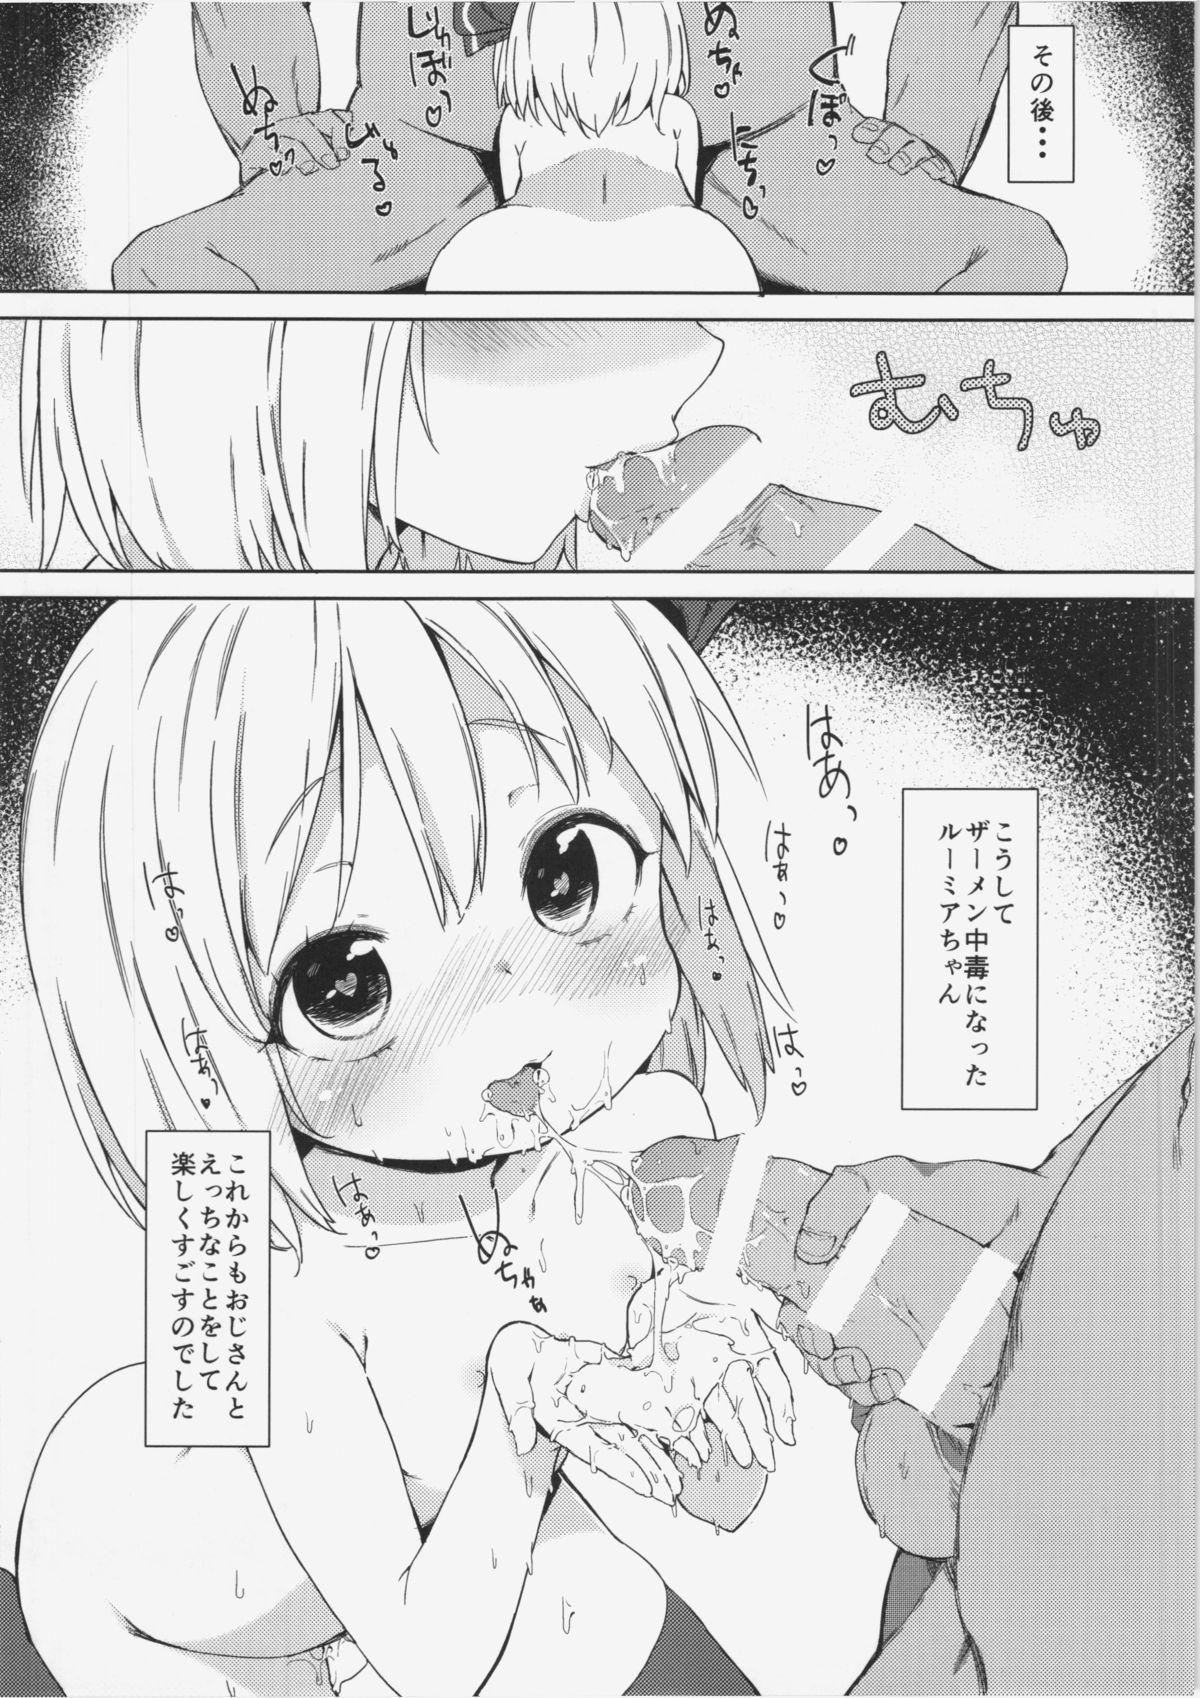 Rumia-chan no Oishii Tokoro 18